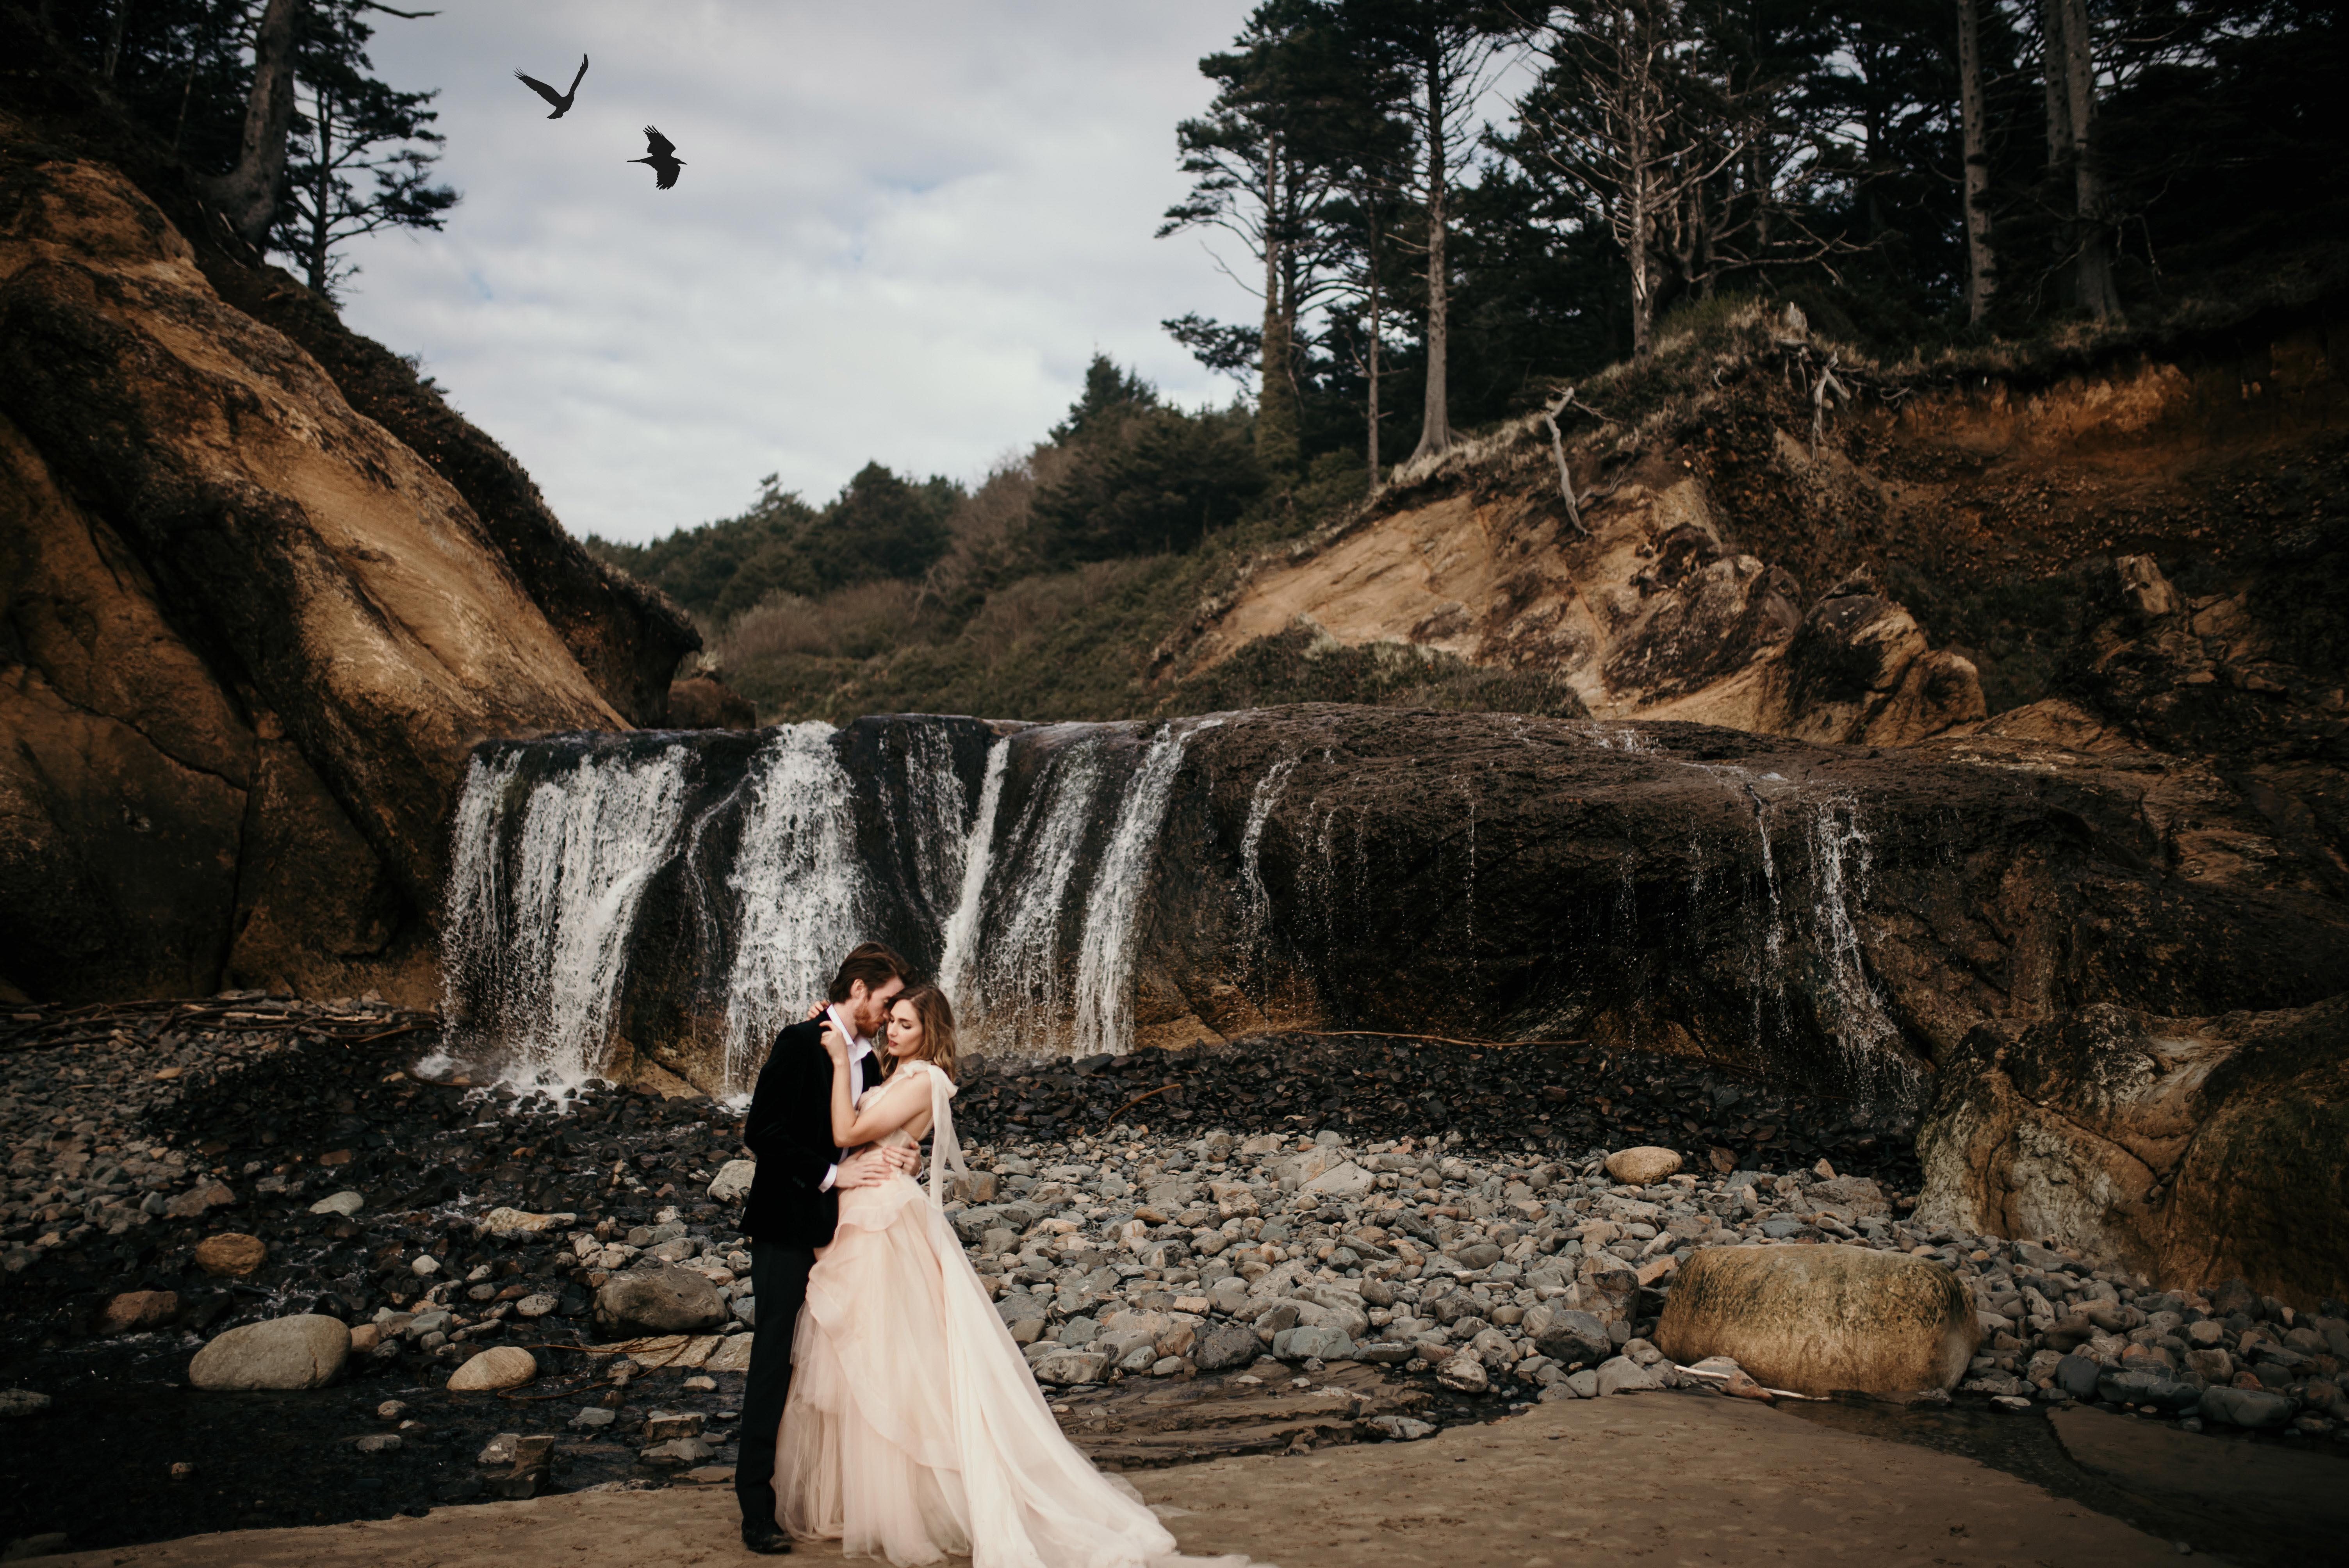 Wedding Photography Vancouver Island